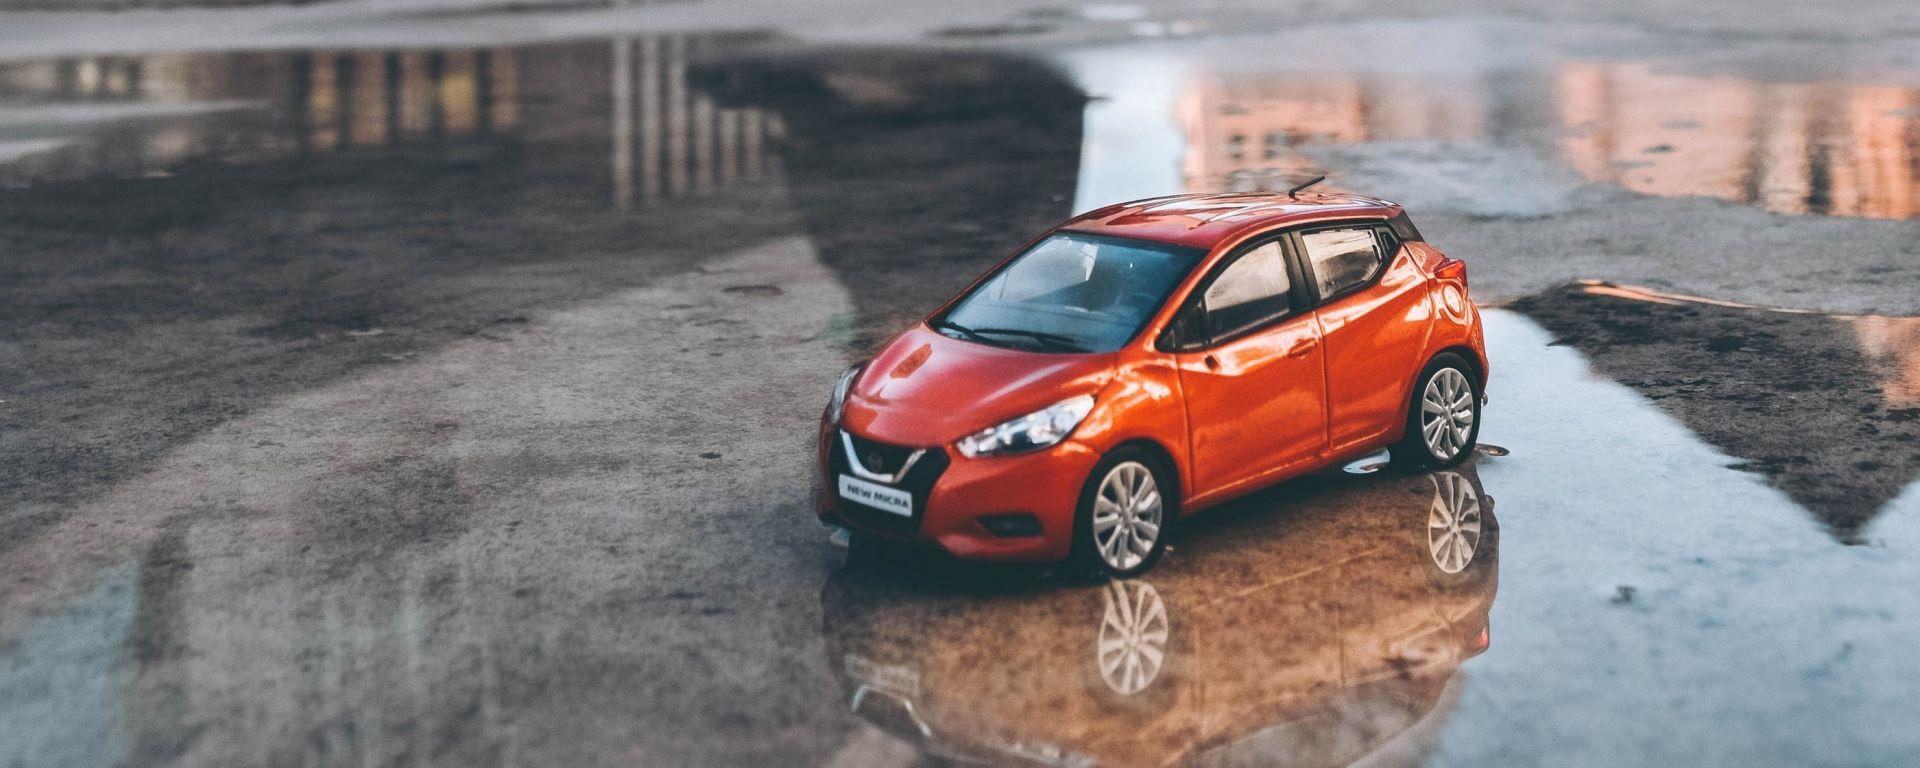 Nissan Micra: il viaggio virtuale attraverso 15 città italiane